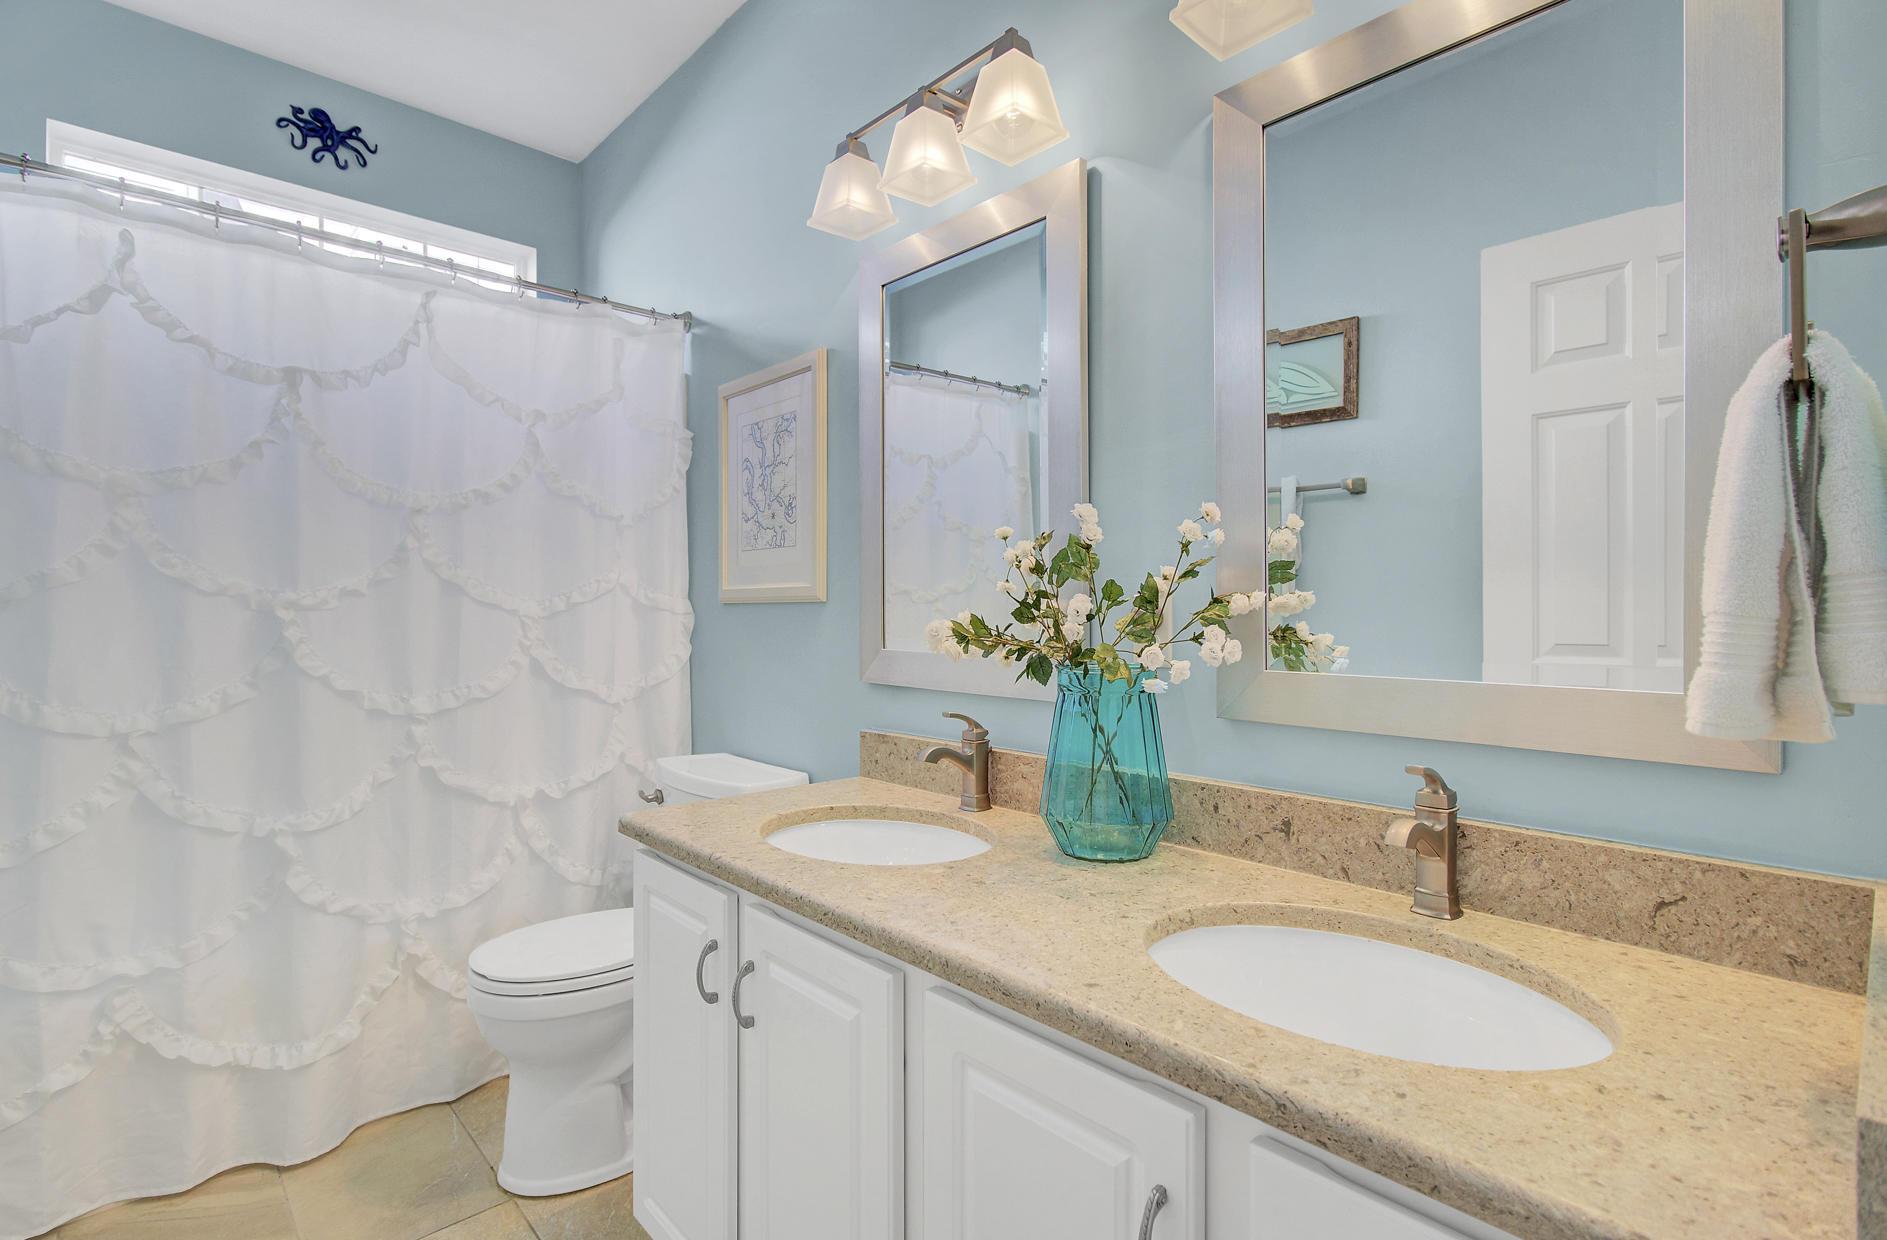 Park West Homes For Sale - 1497 Endicot, Mount Pleasant, SC - 21